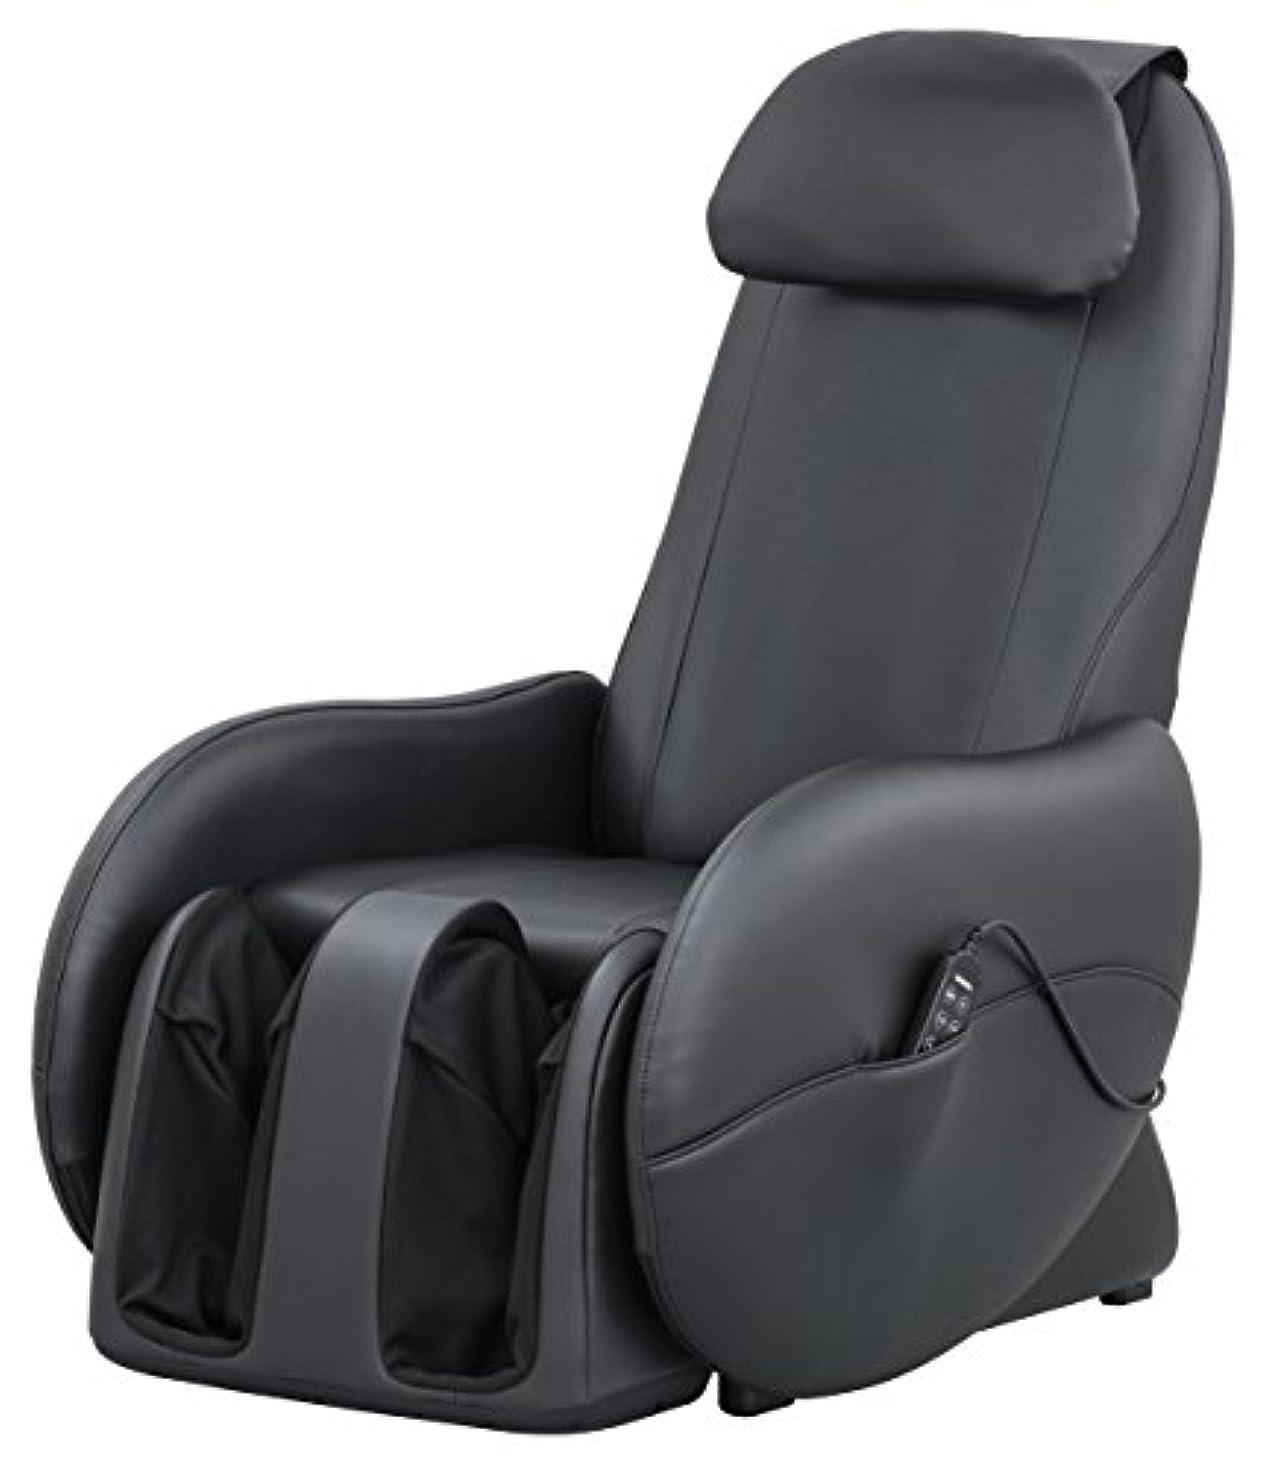 韻インペリアルに同意するスライヴ くつろぎ指定席Light マッサージチェア CHD-3700BK 正規品 ブラック おしゃれ コンパクト 小型